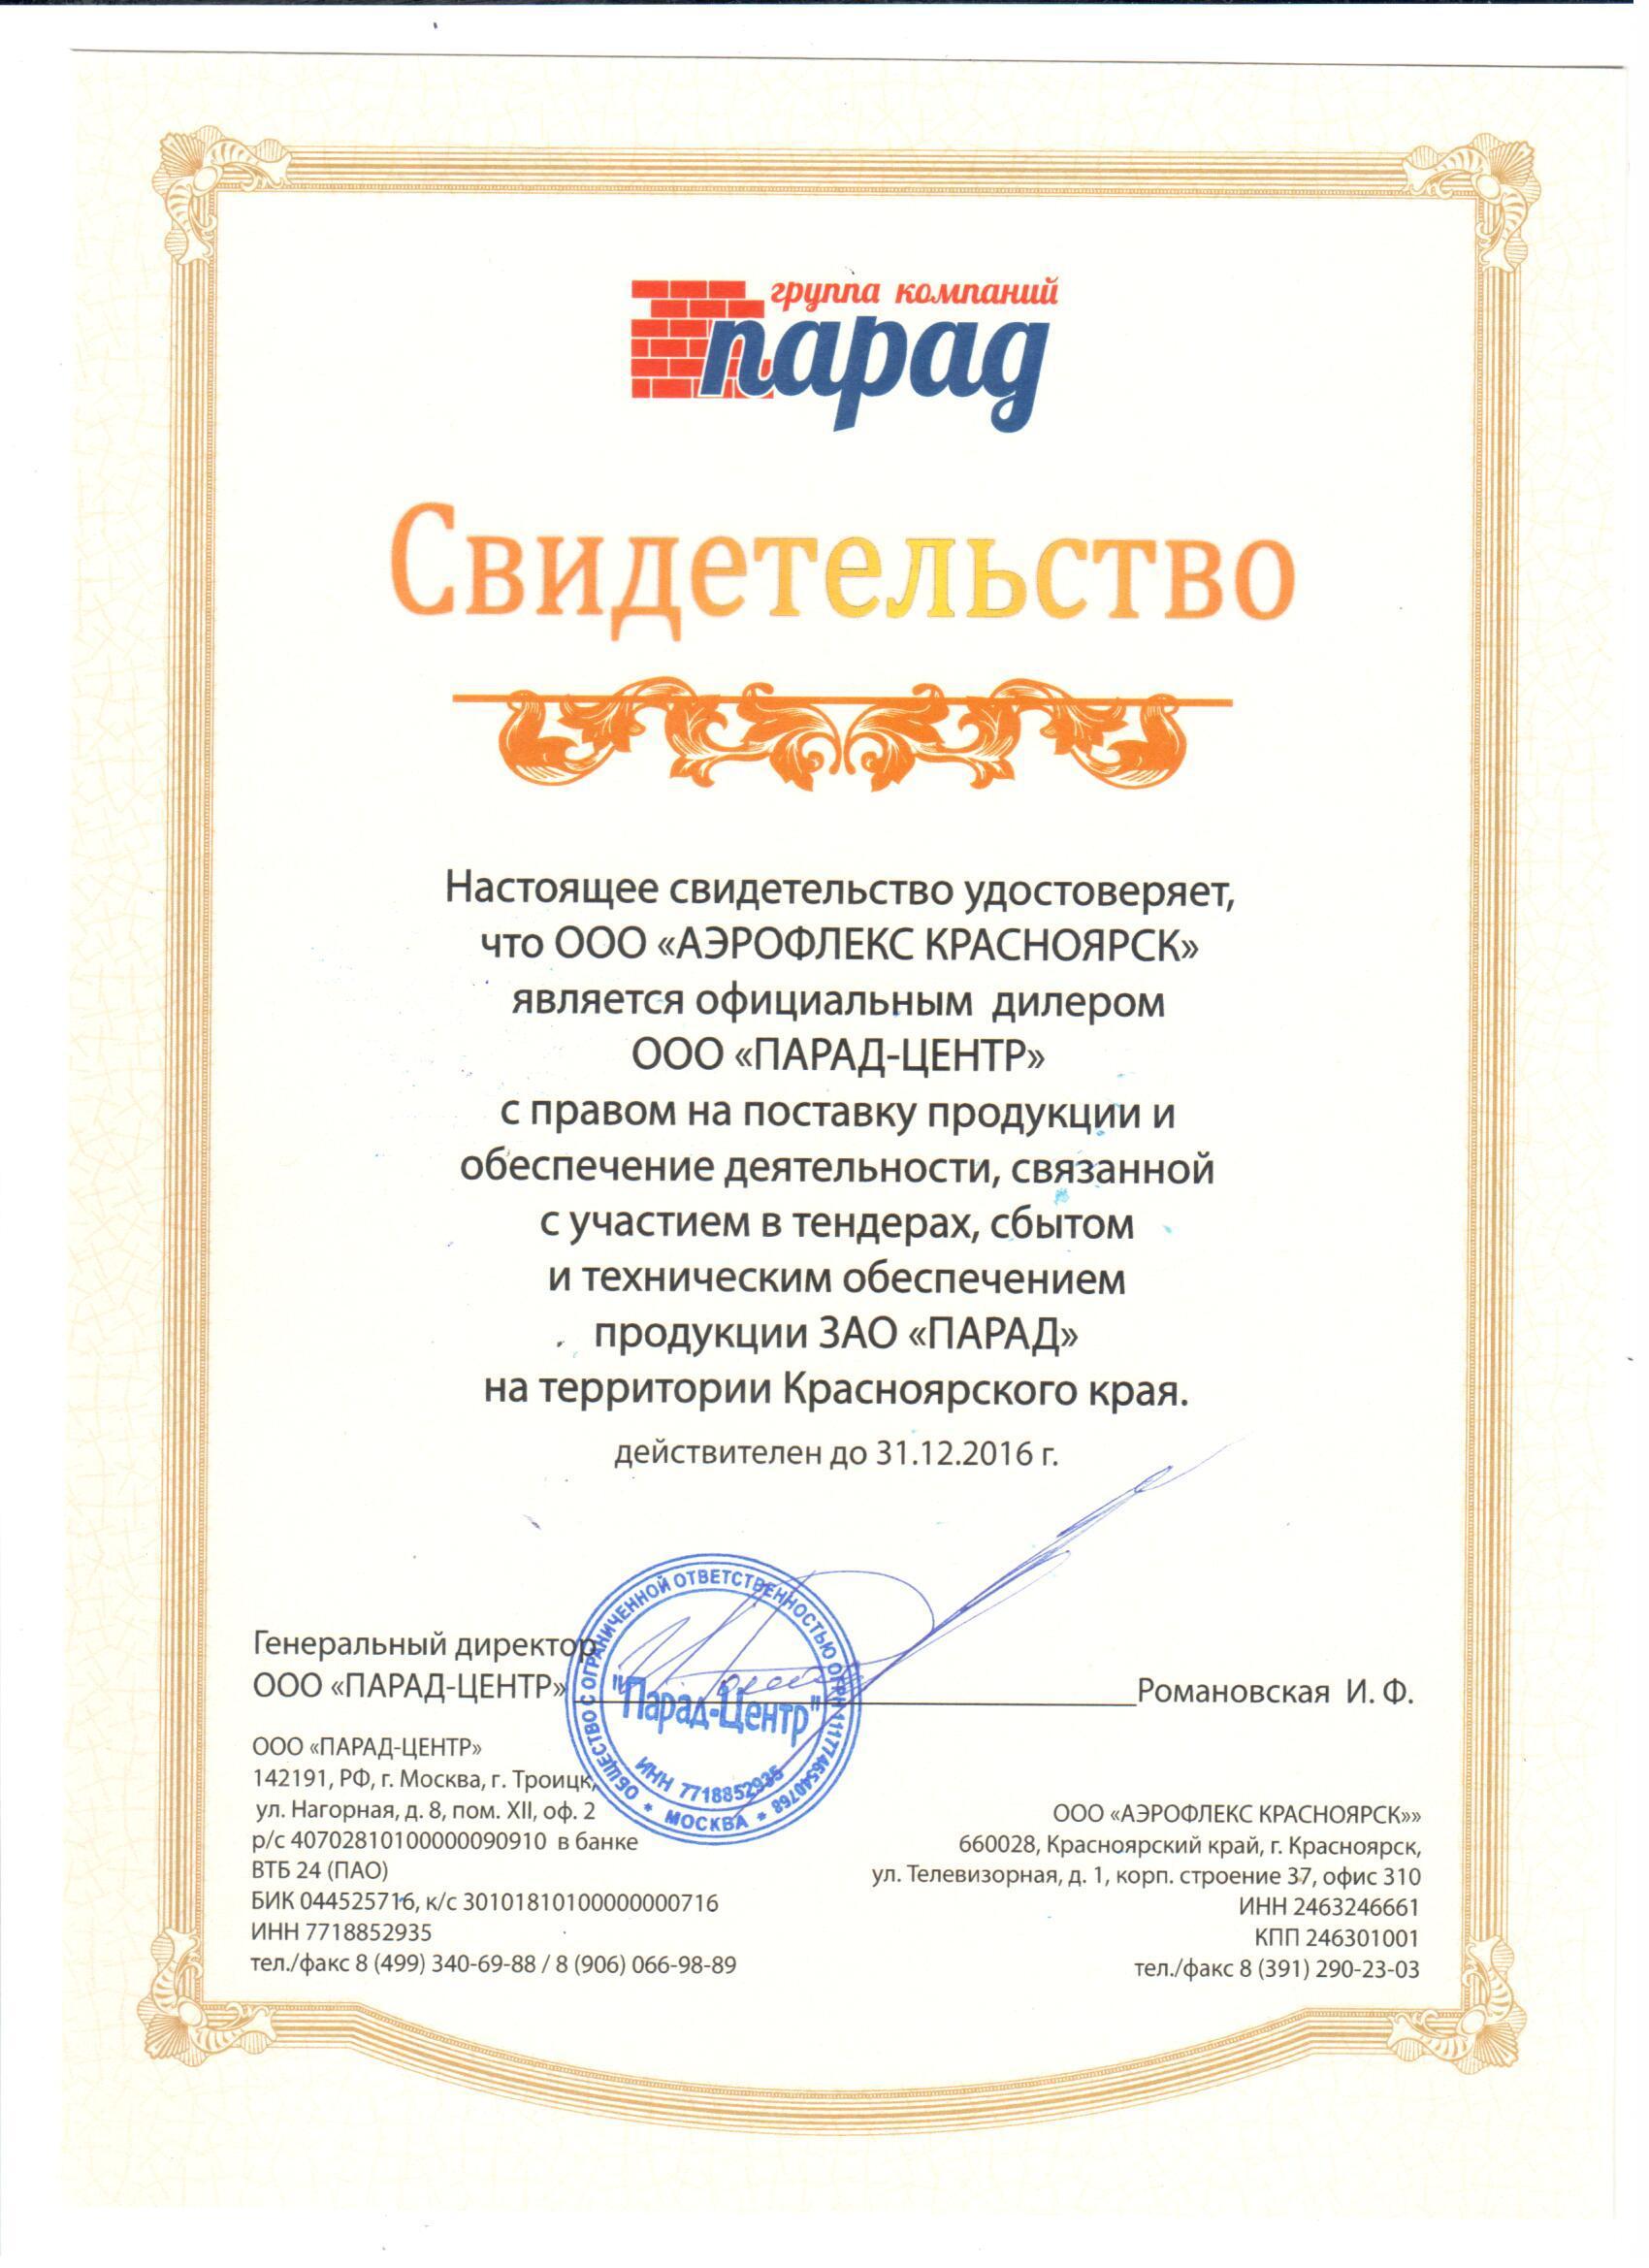 Свидетельство_дилер_Аэрофлекс-Красноярск